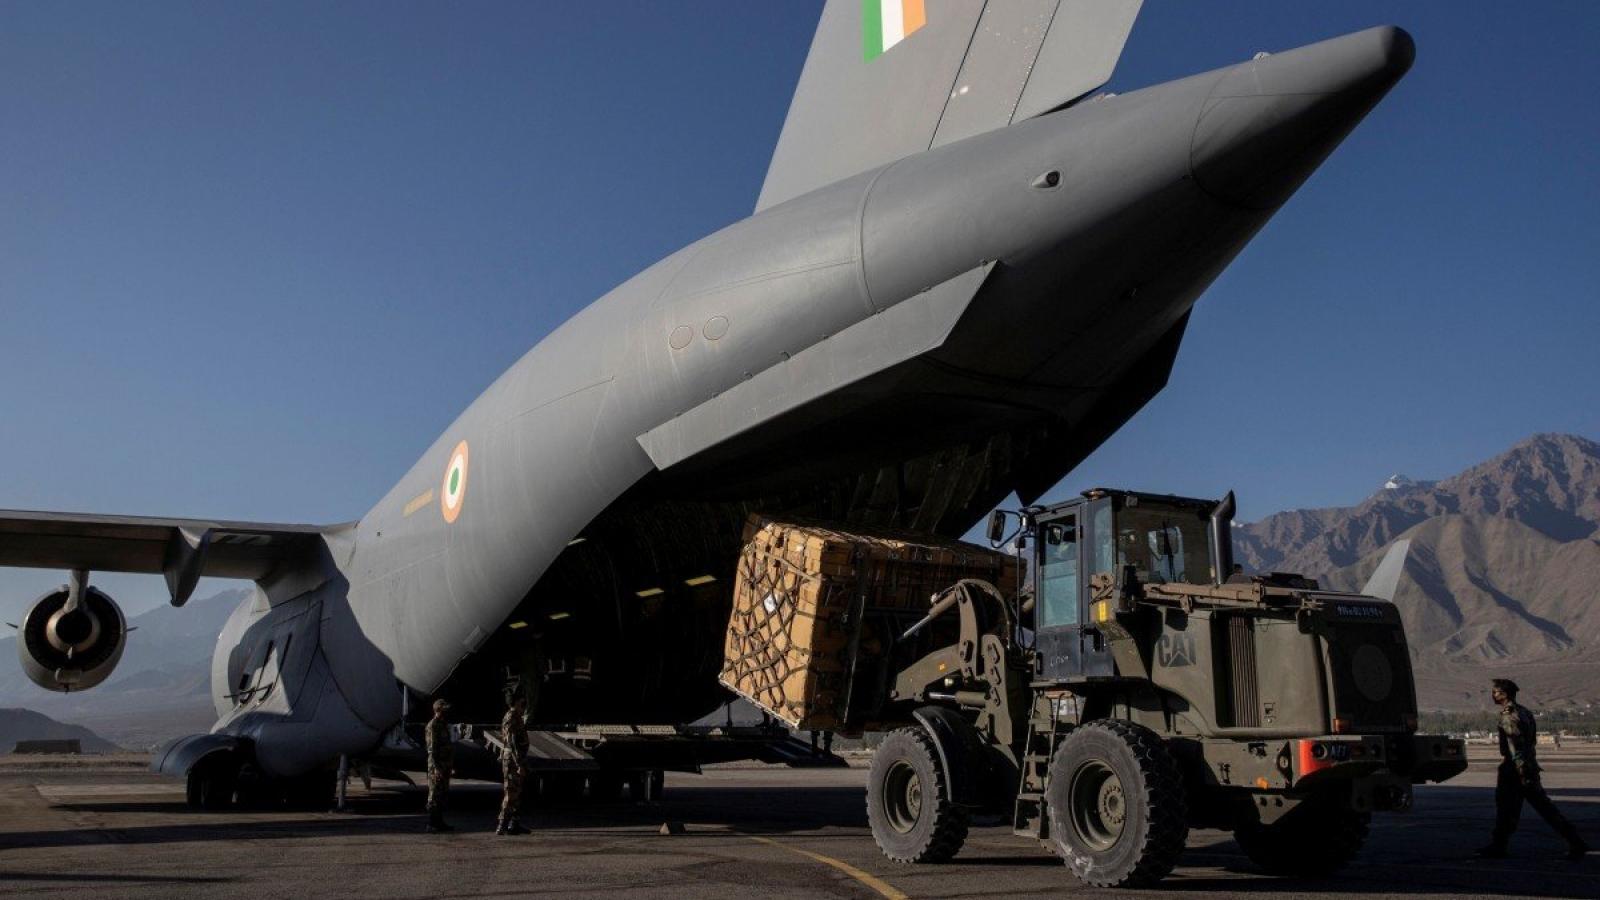 Trung Quốc, Ấn Độ gấp rút tiếp tế cho binh sĩ ở biên giới trước mùa đông